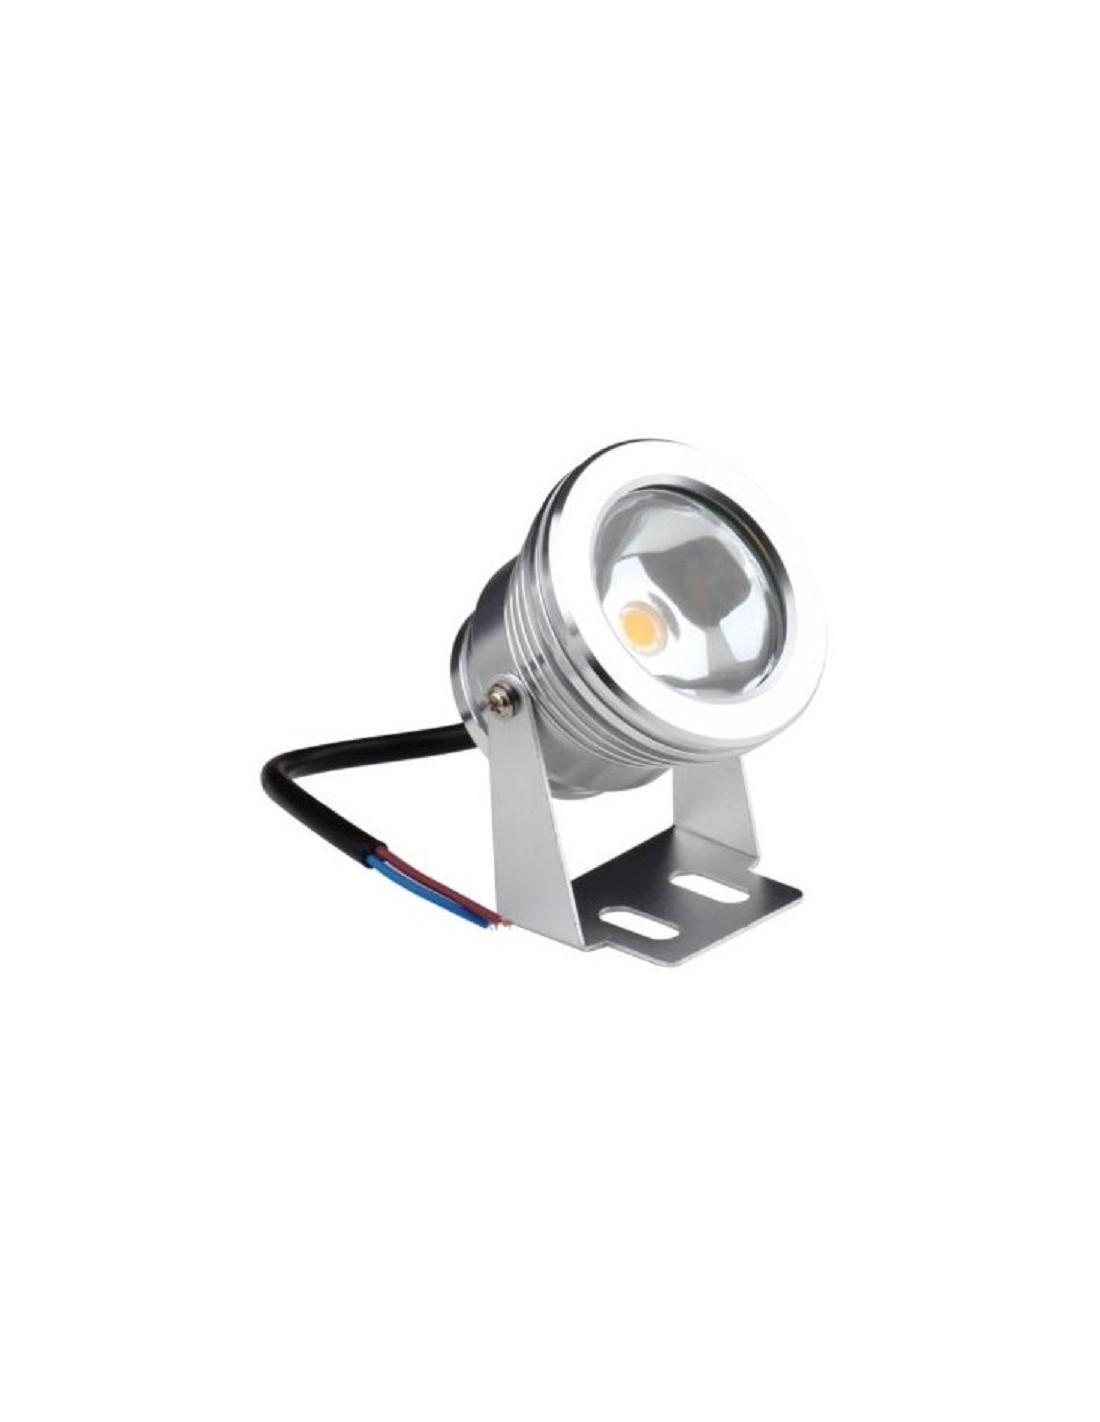 Foco redondo led 10w 12v aluminio sumergible tienda de for Foco led exterior 10w